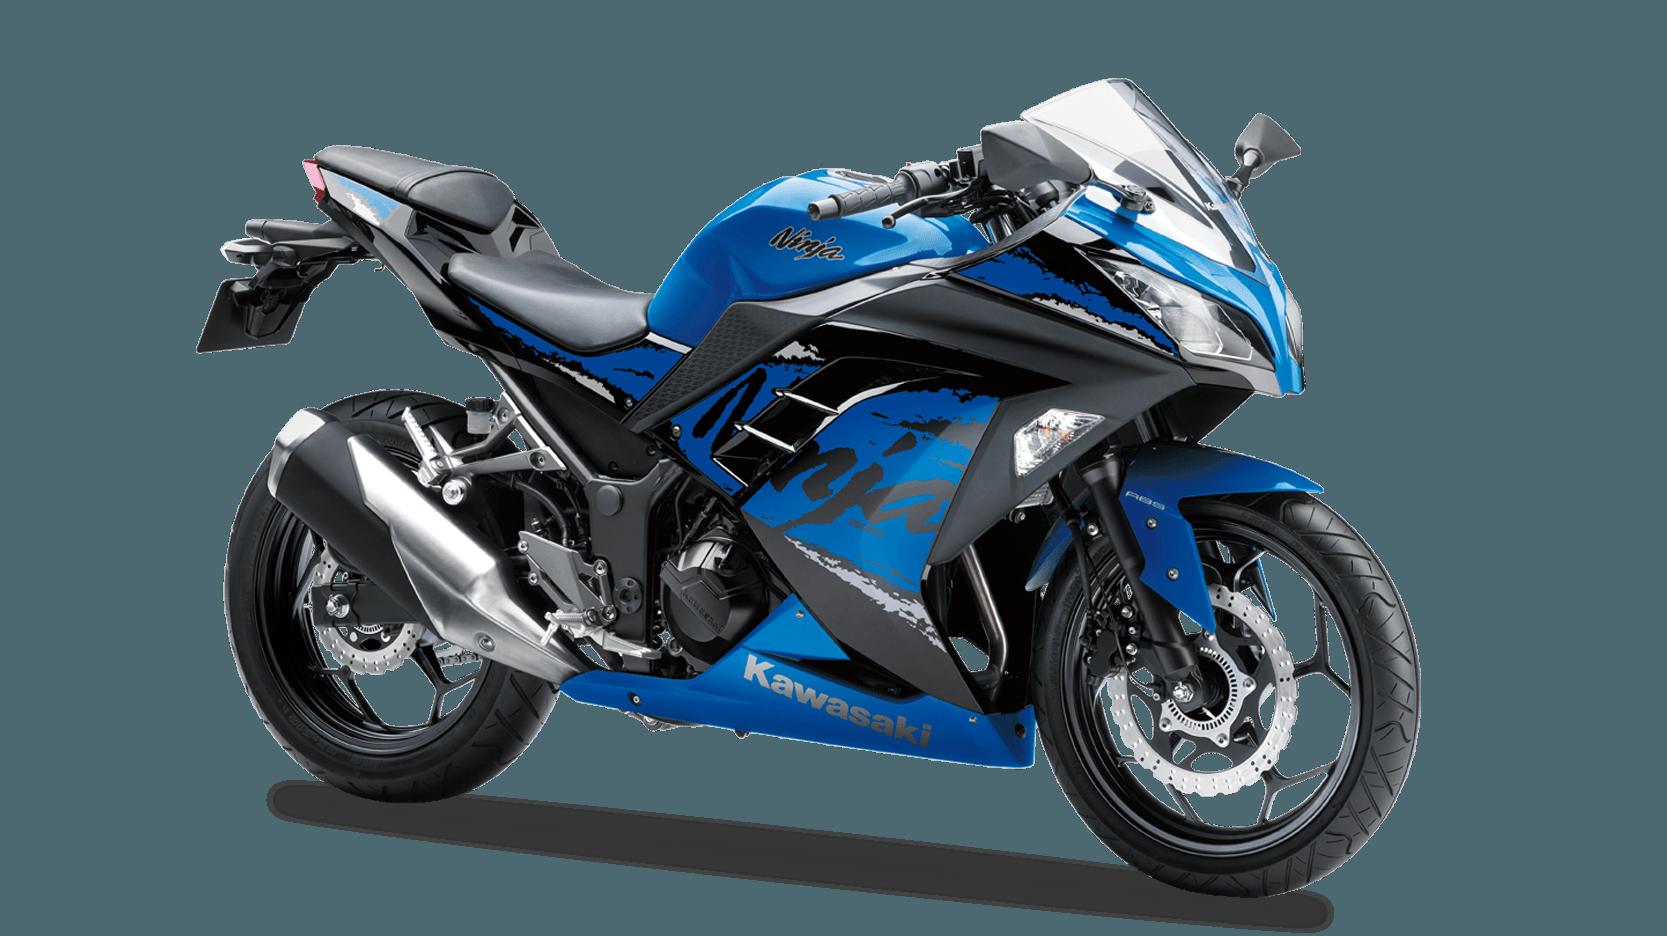 Kawasaki Ninja 300 ABS Image